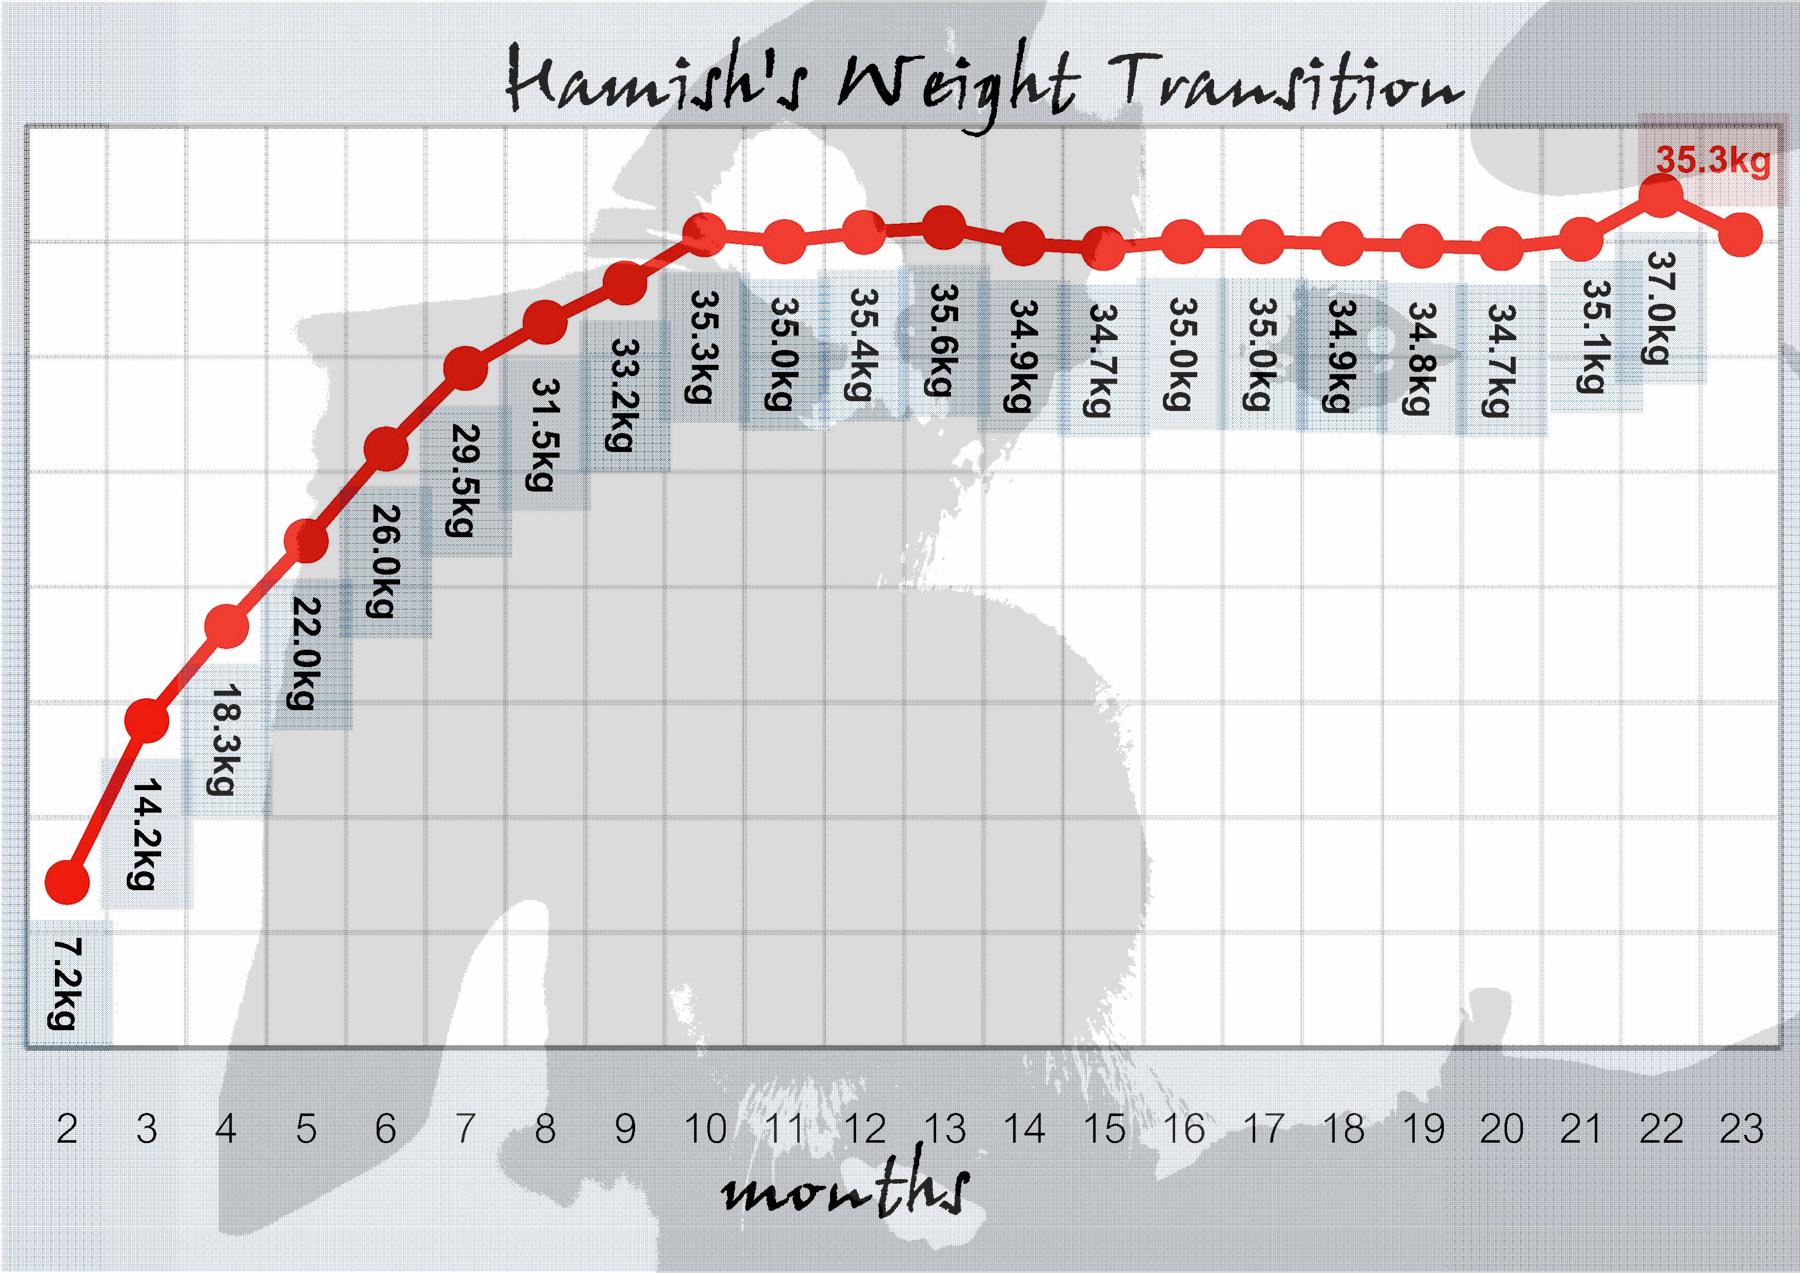 Golden Retriever 2 Months Weight rokisuke's annexothers